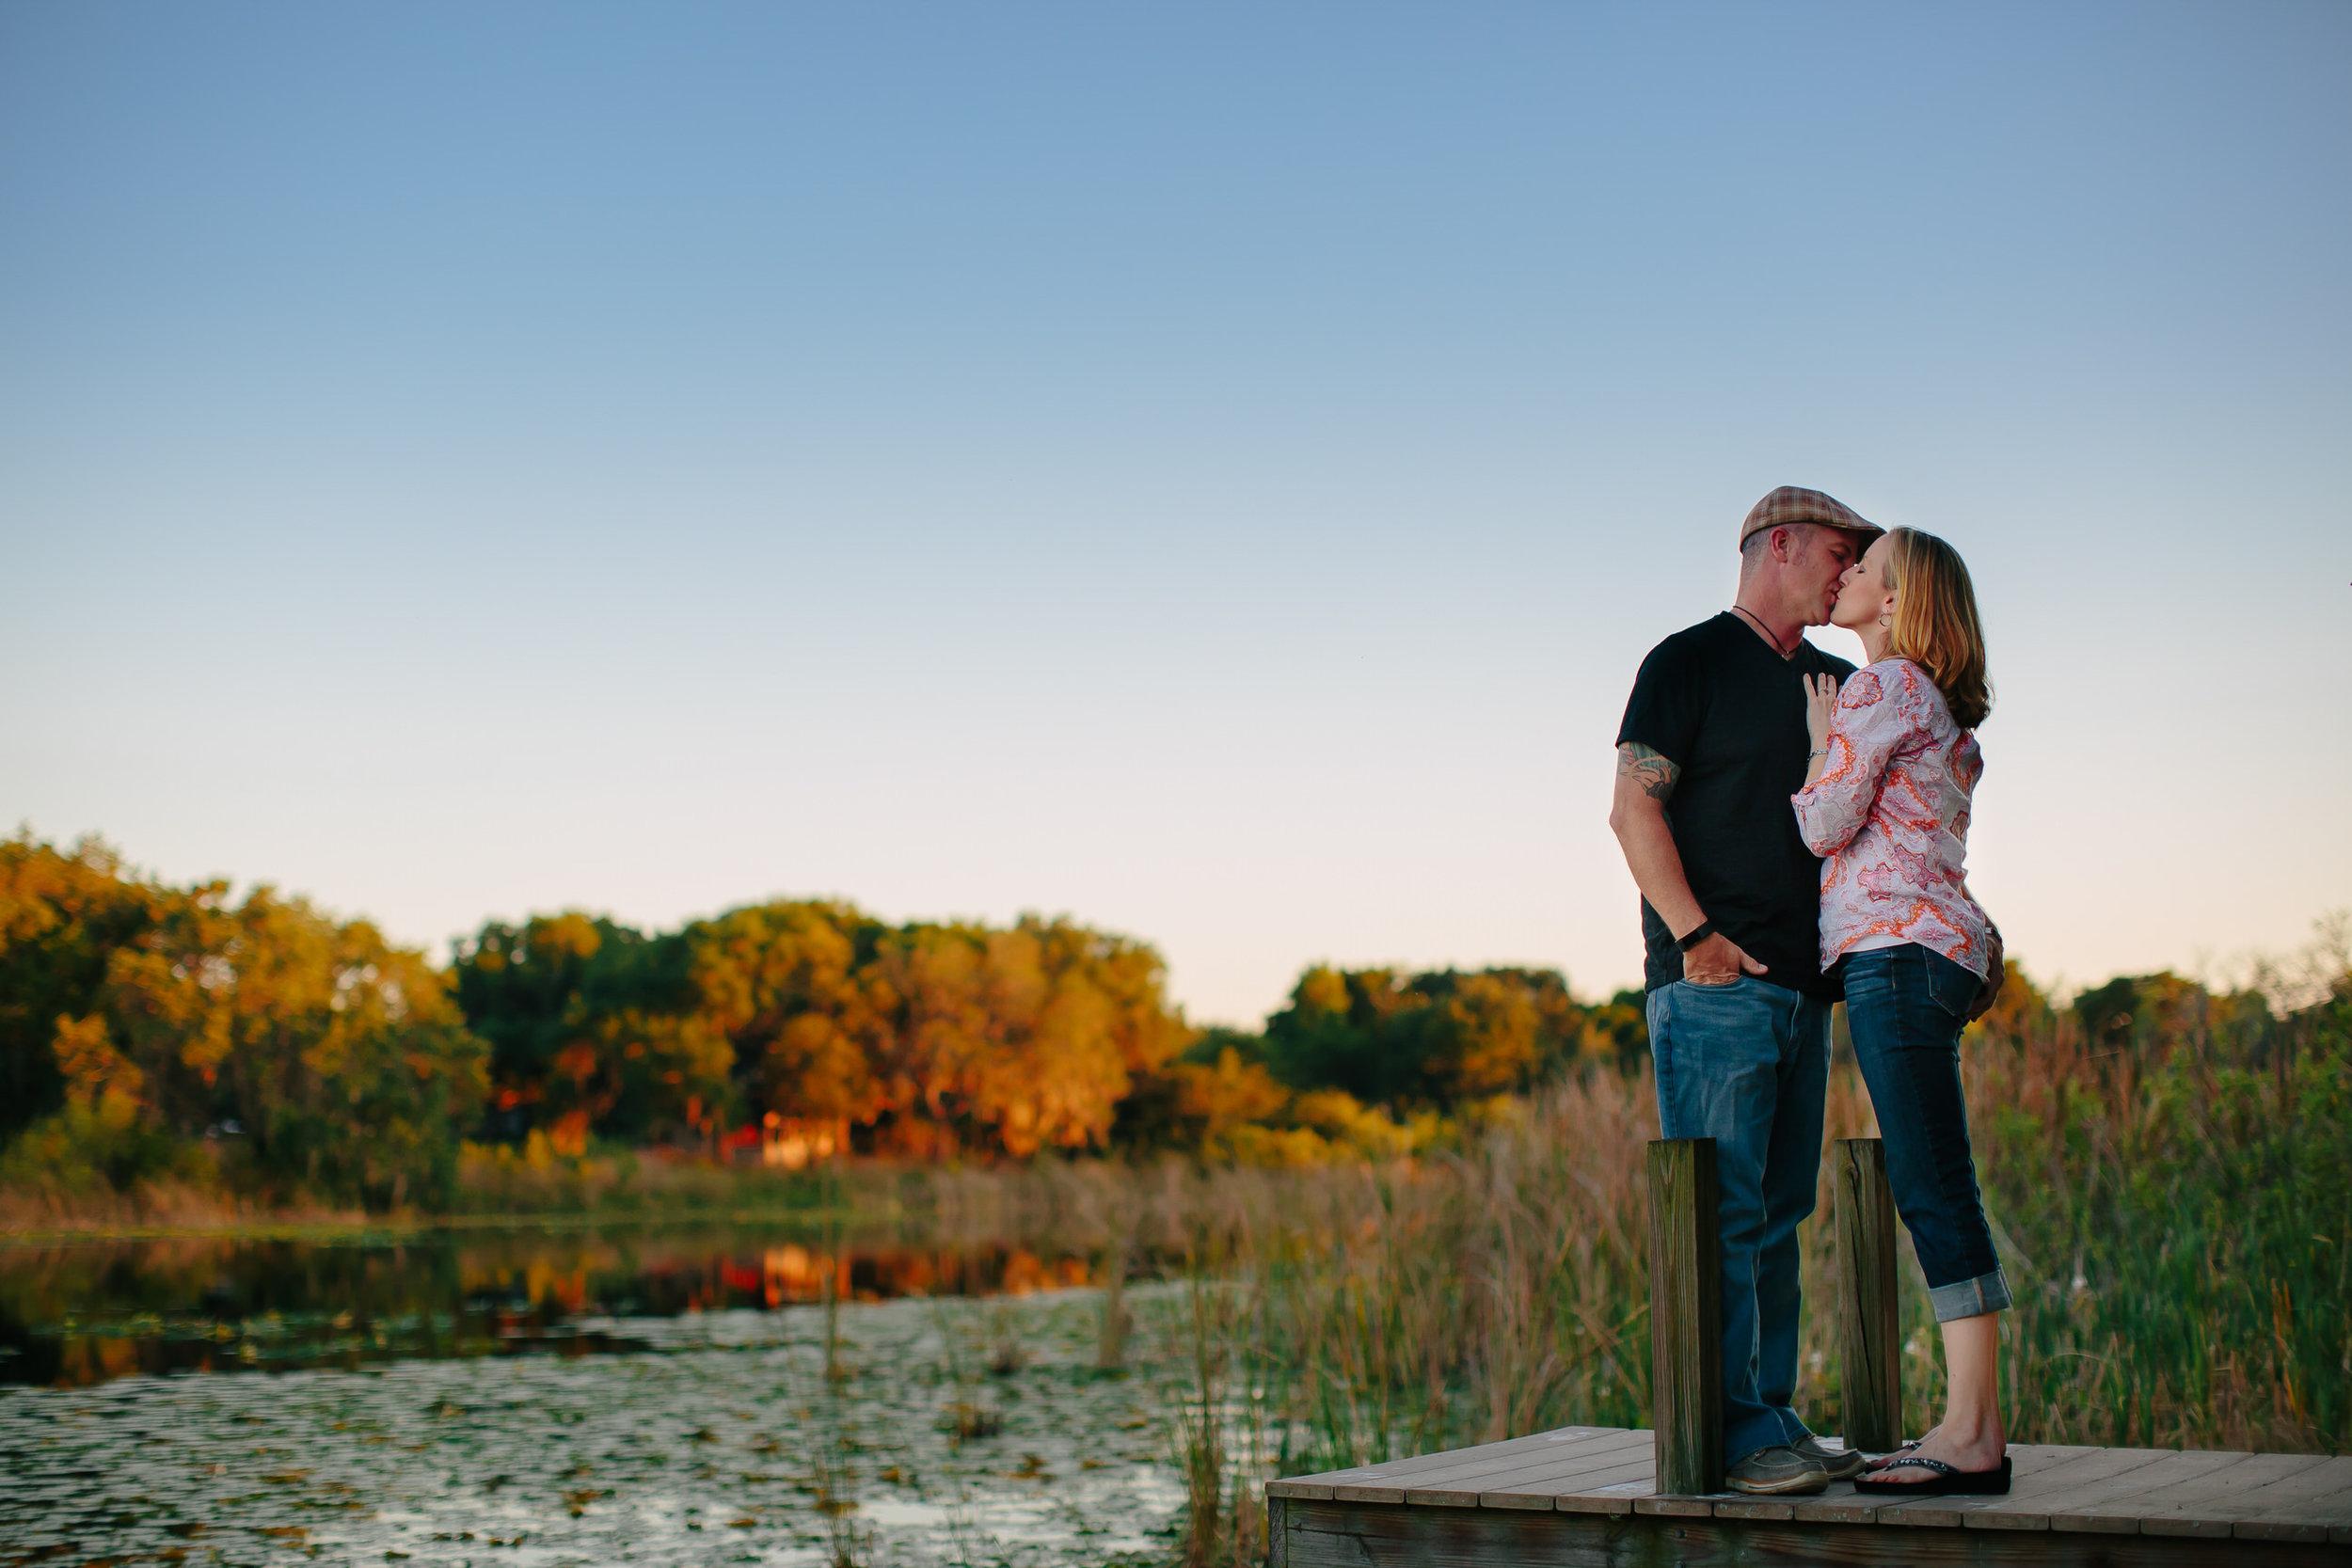 couple_kissing_tiny_house_photo_lake_apopka_florida_destination_weddings.jpg